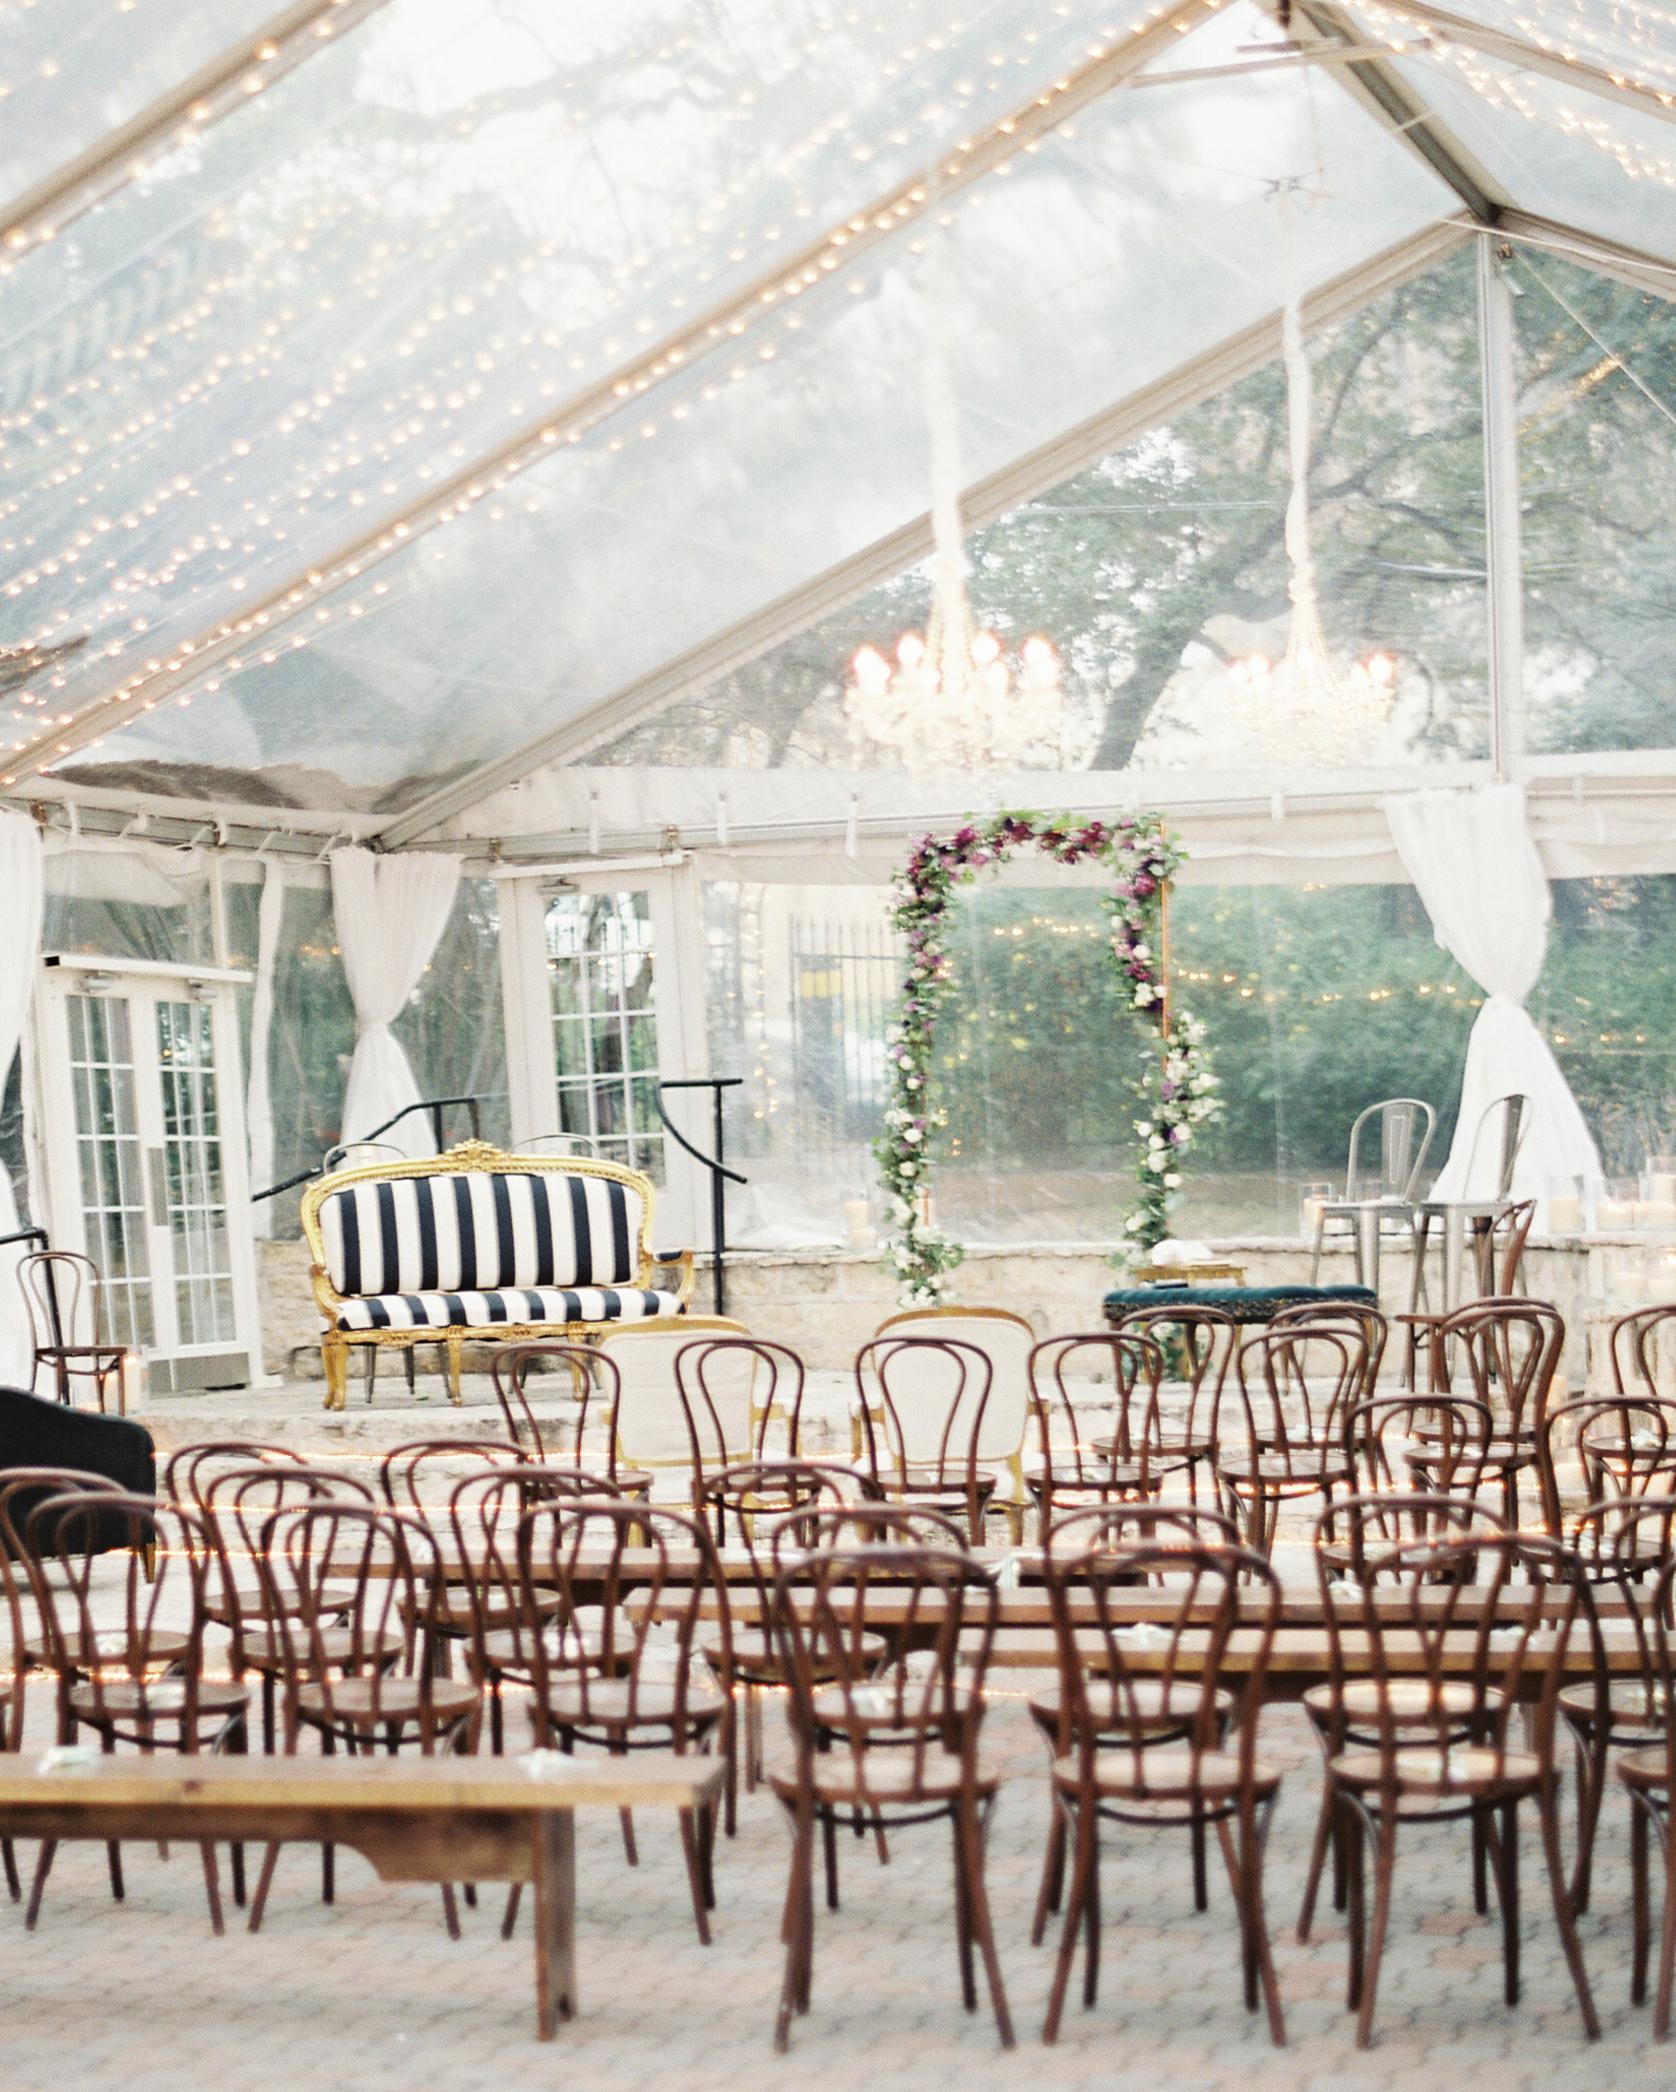 stacey-adam-wedding-tent-0076-s112112-0815.jpg